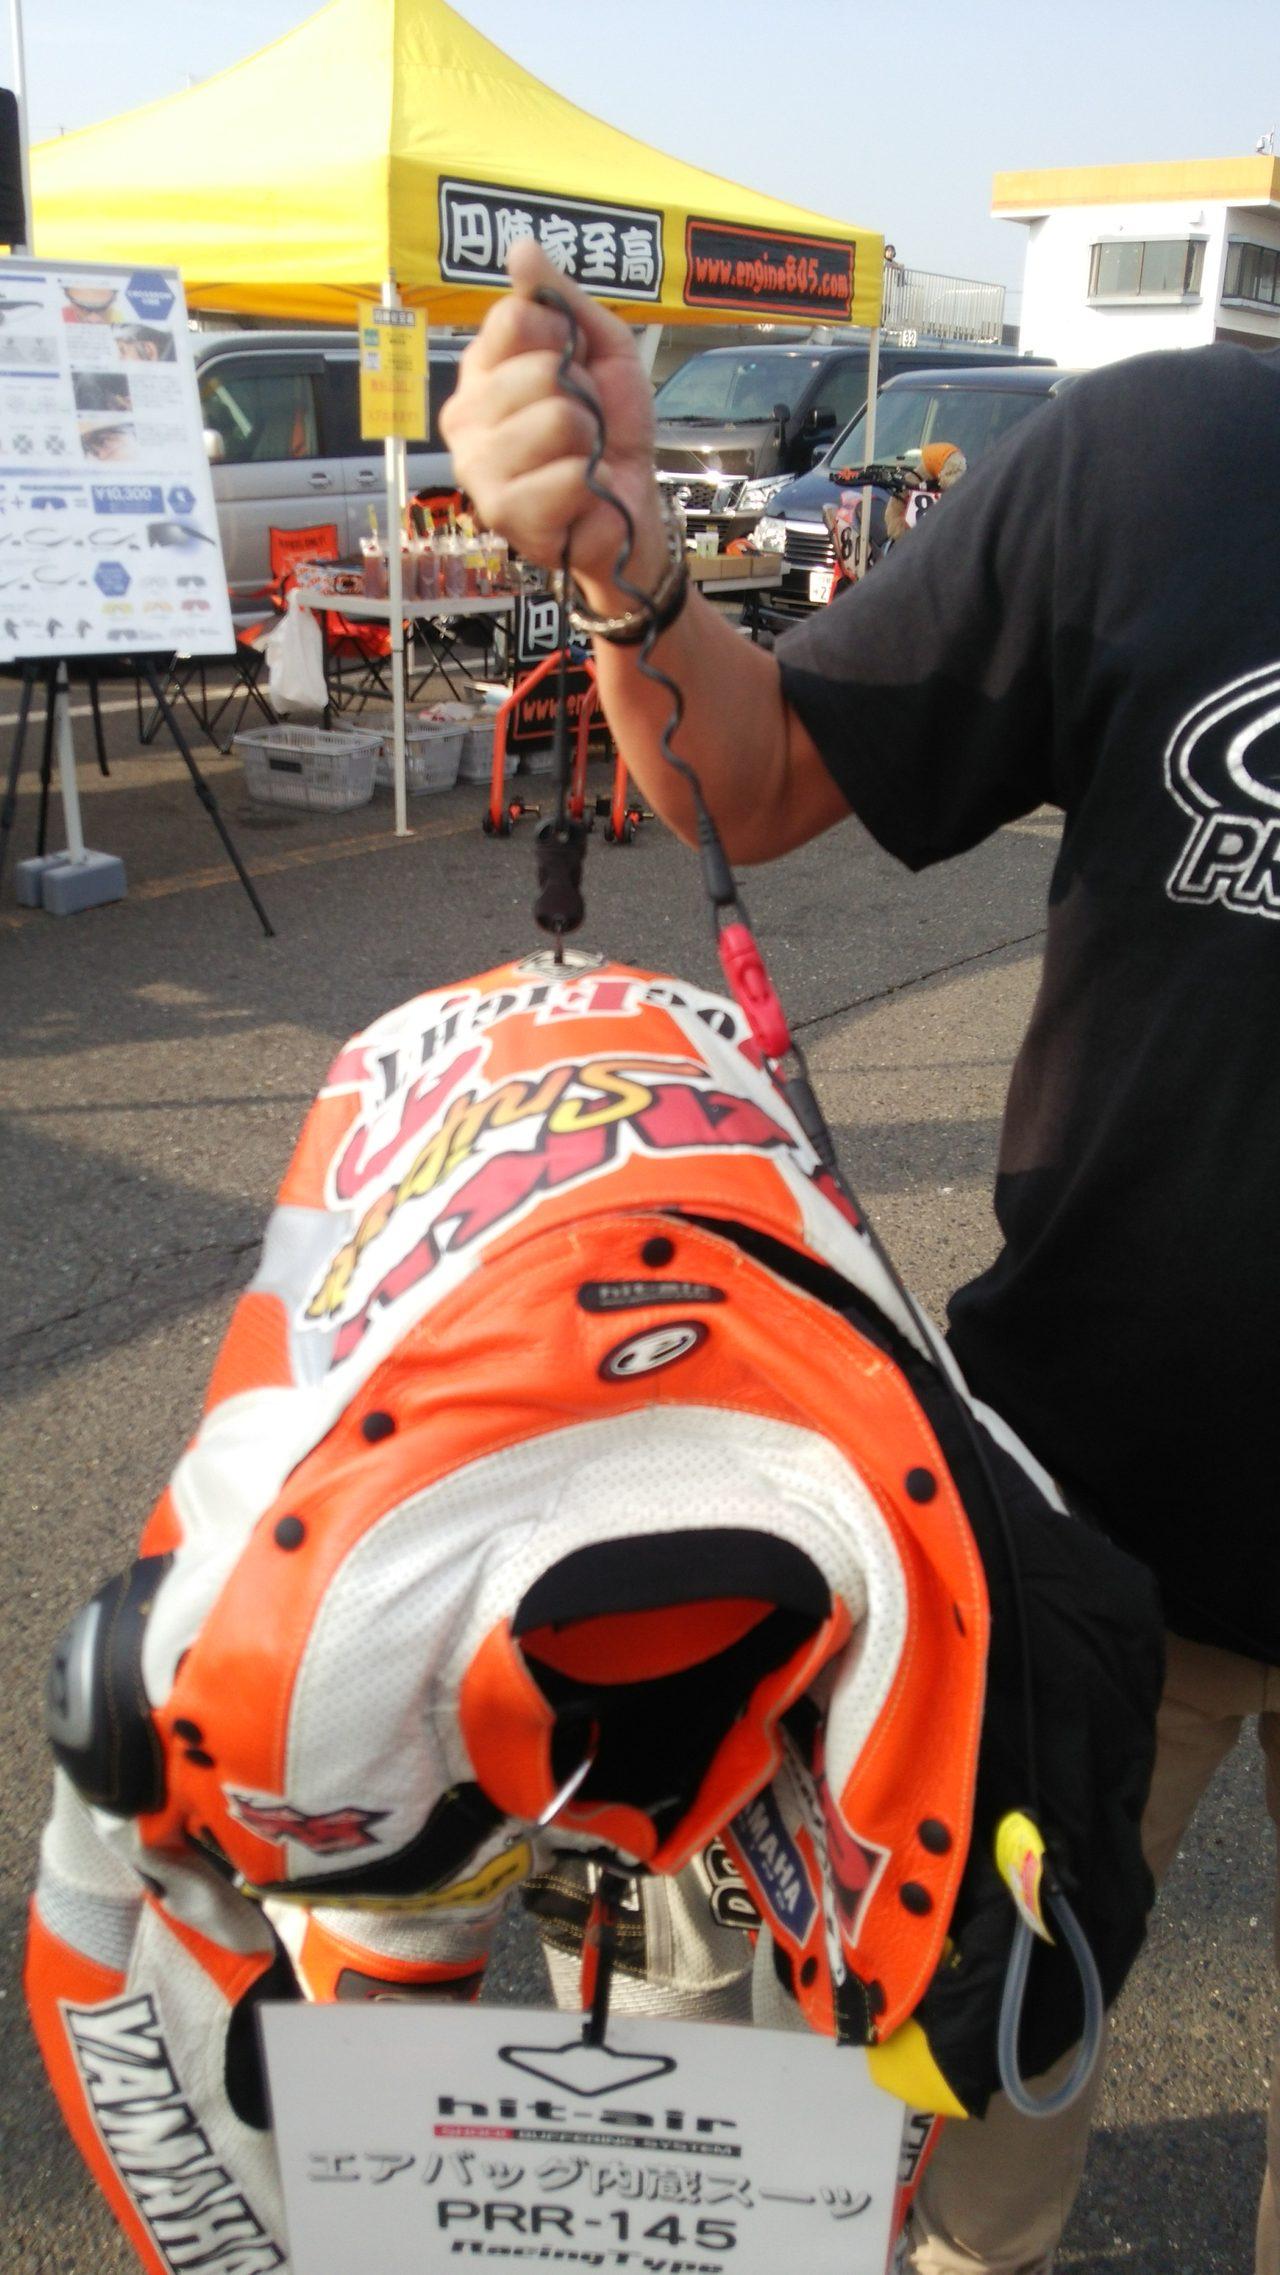 画像2: 事故の衝撃を少しでも減らす為に!!バイク用着るhit-air Neck Airbagを使ってみよう。